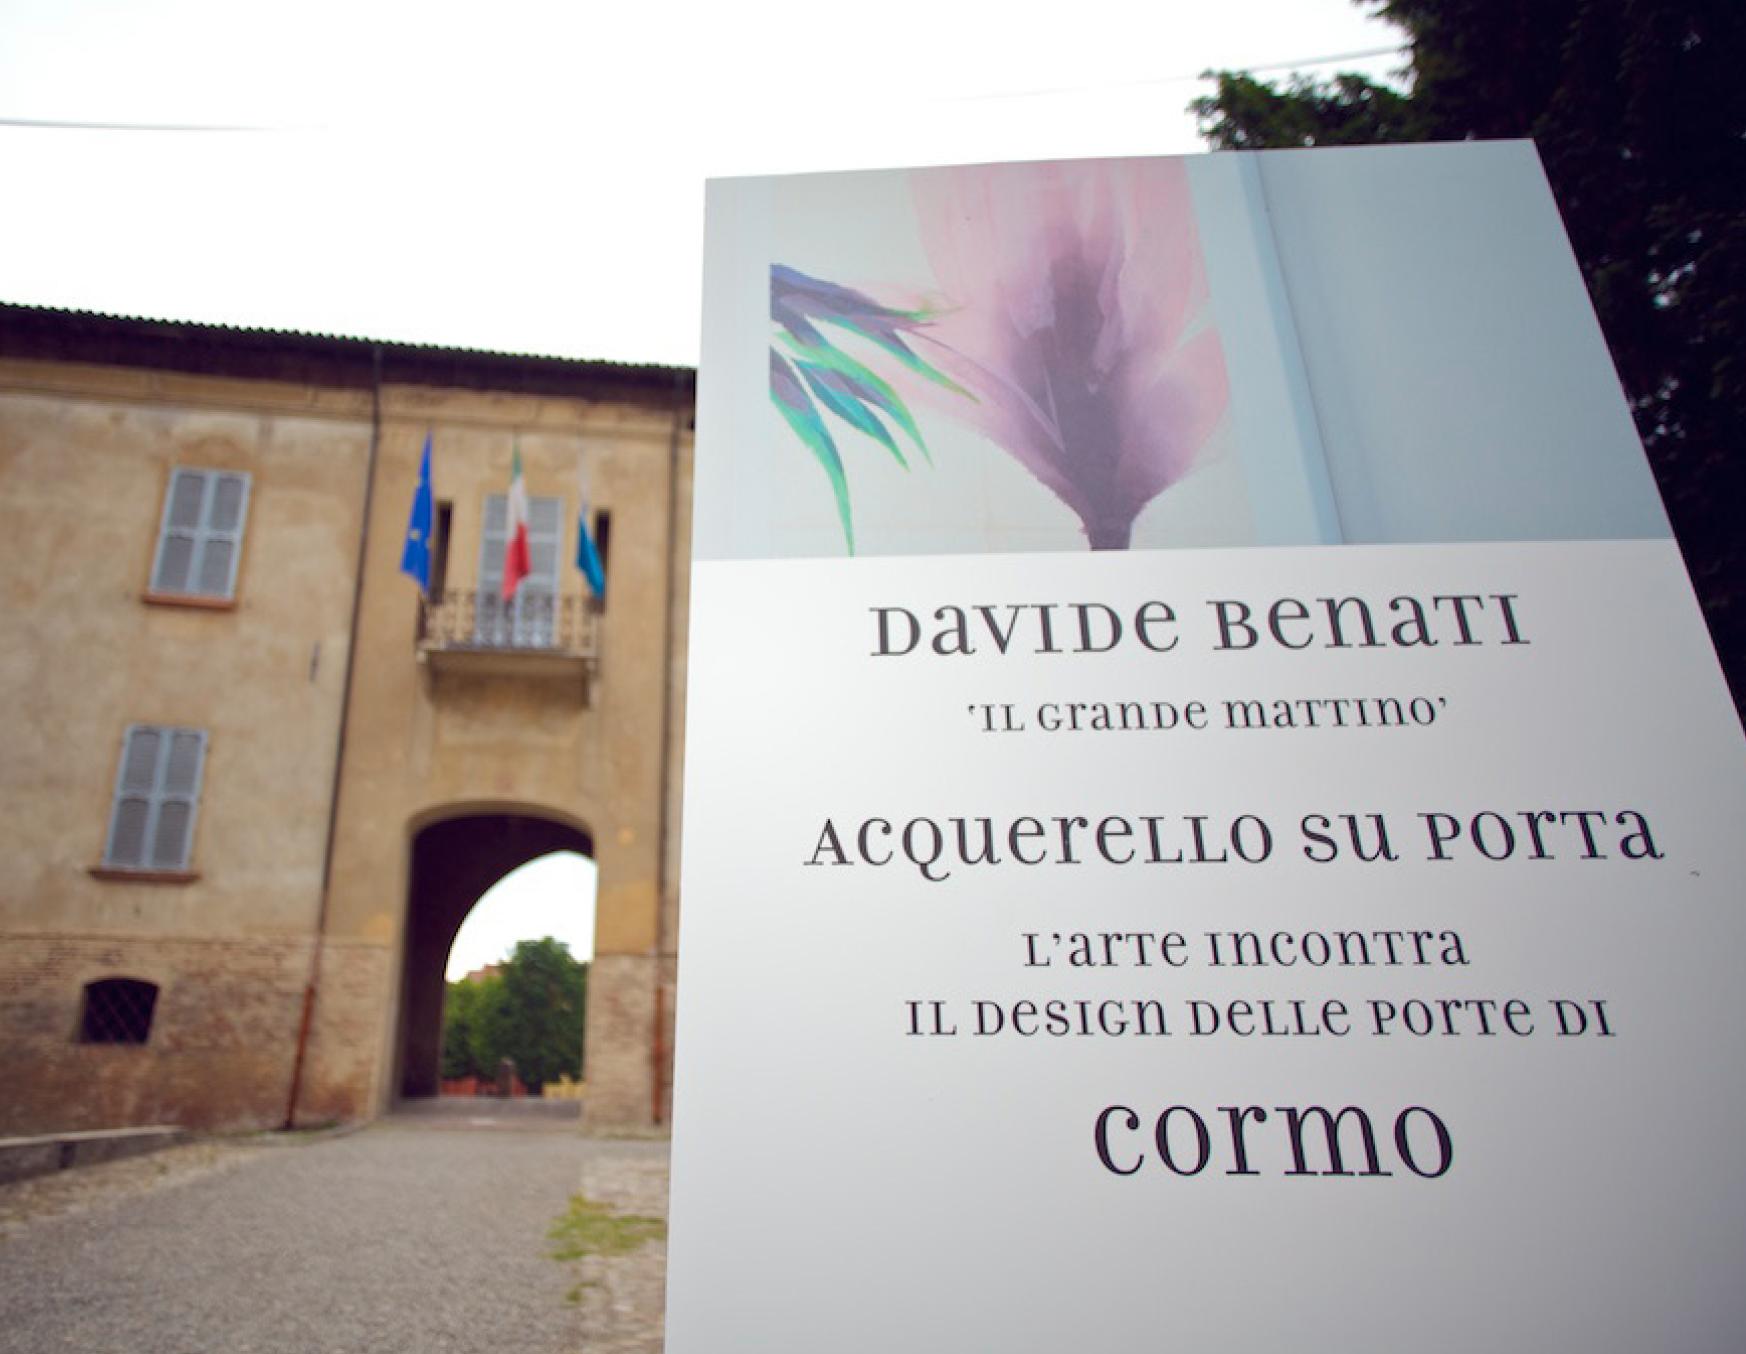 Cormo - Acquerello su porta Benati